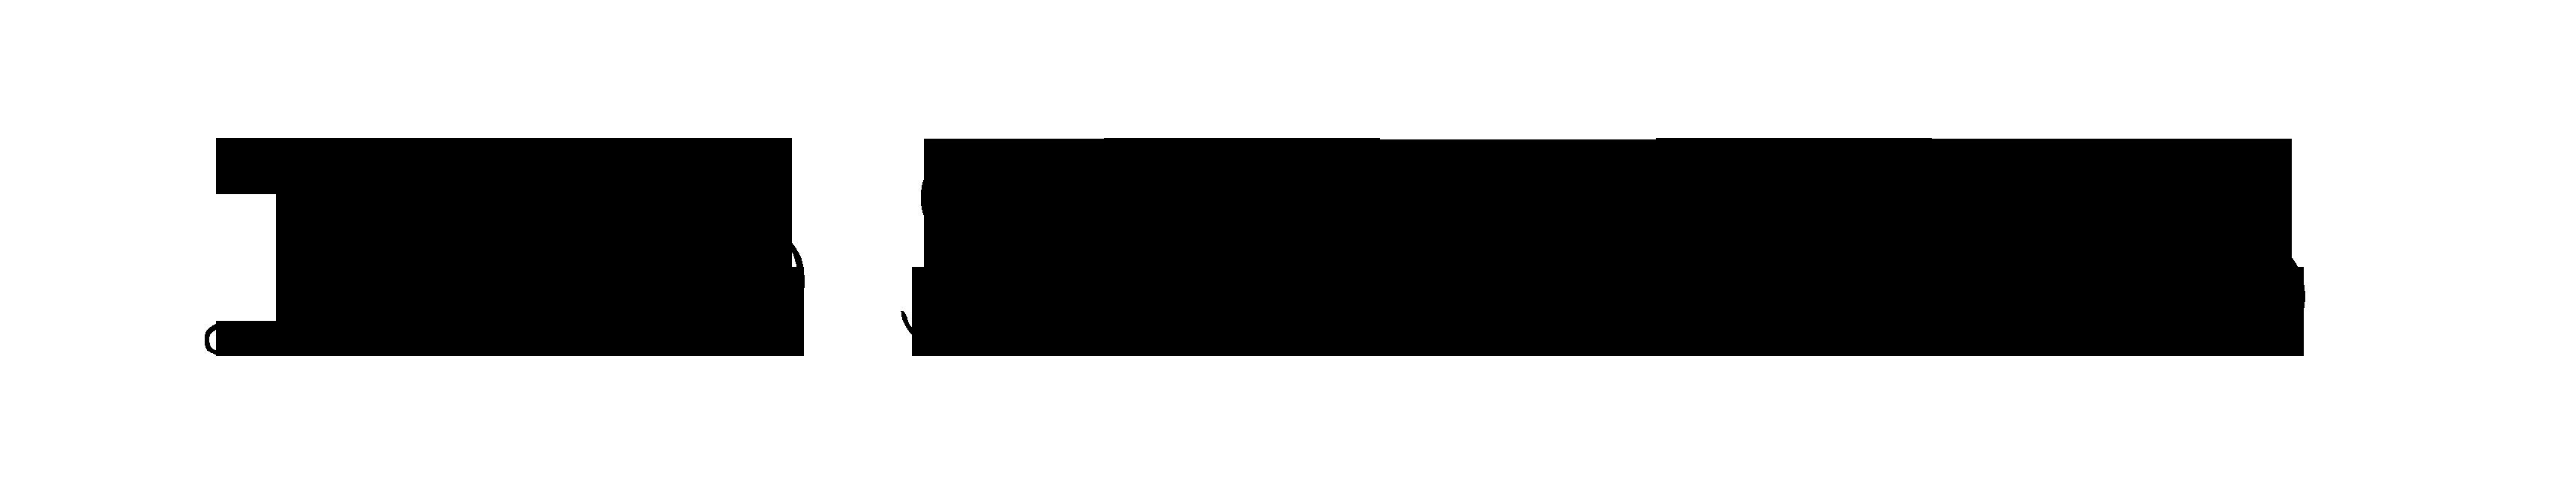 2016_sponsors.png